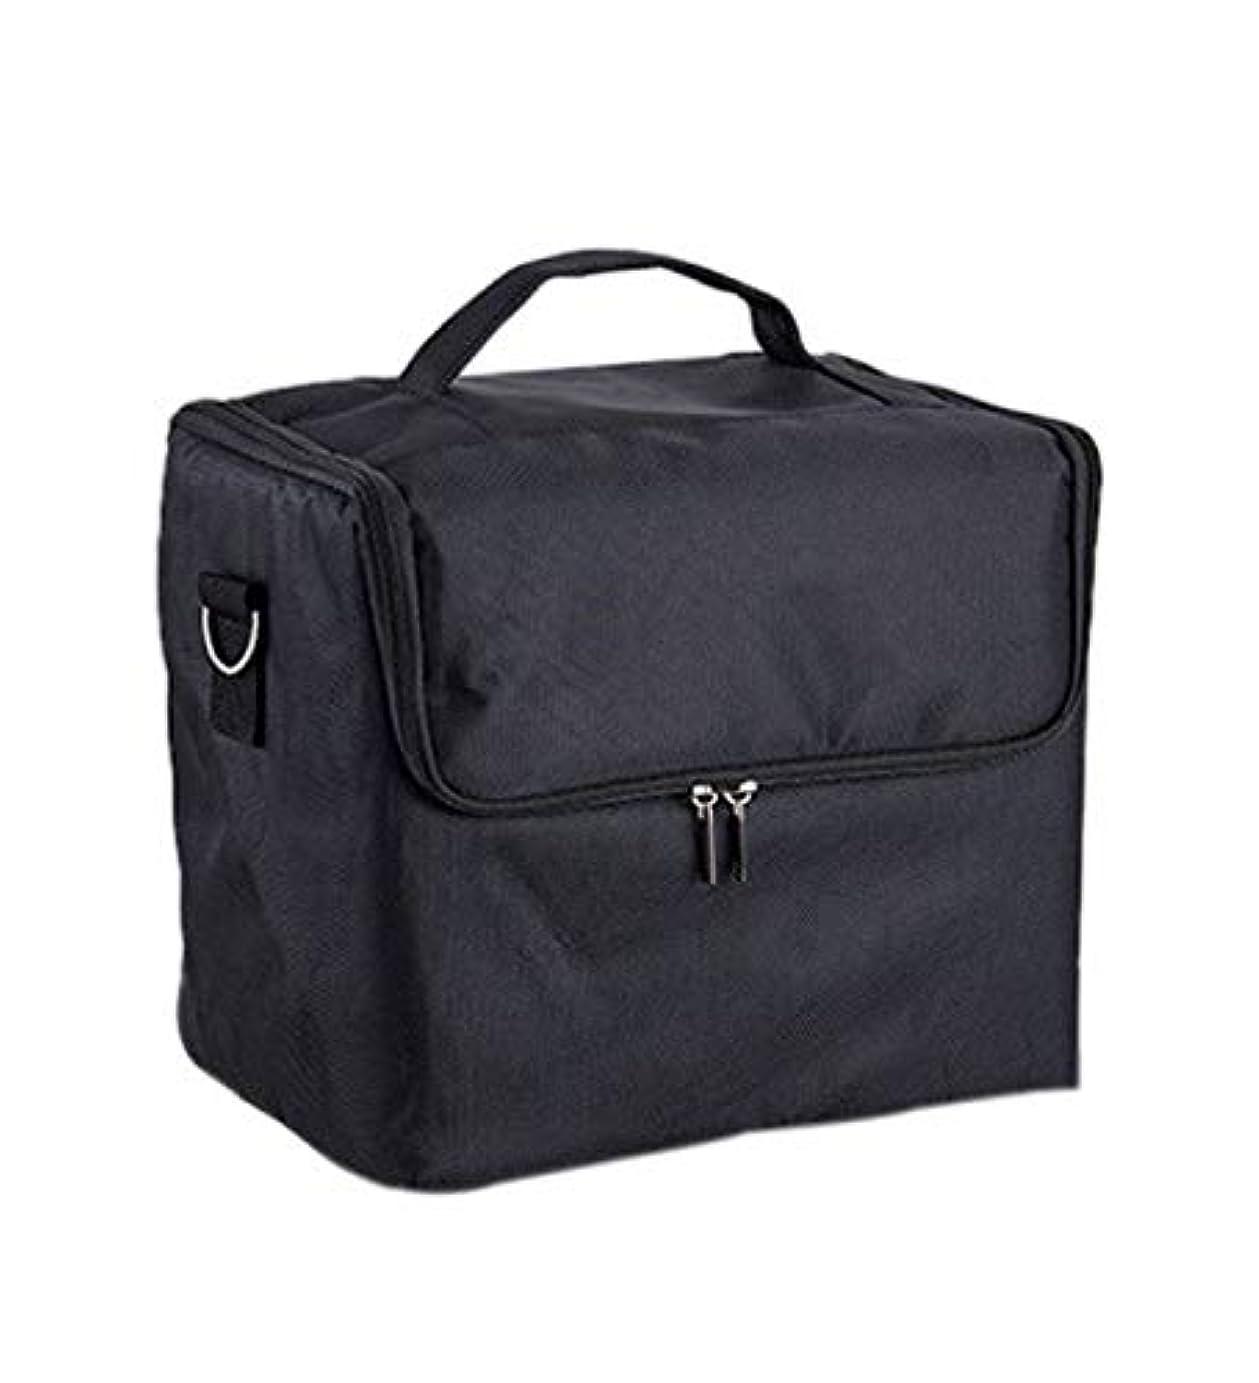 ハグ貼り直す差別する化粧箱、大容量多機能化粧品ケース、ポータブル旅行化粧品袋収納袋、美容化粧ネイルジュエリー収納箱 (Color : ブラック)